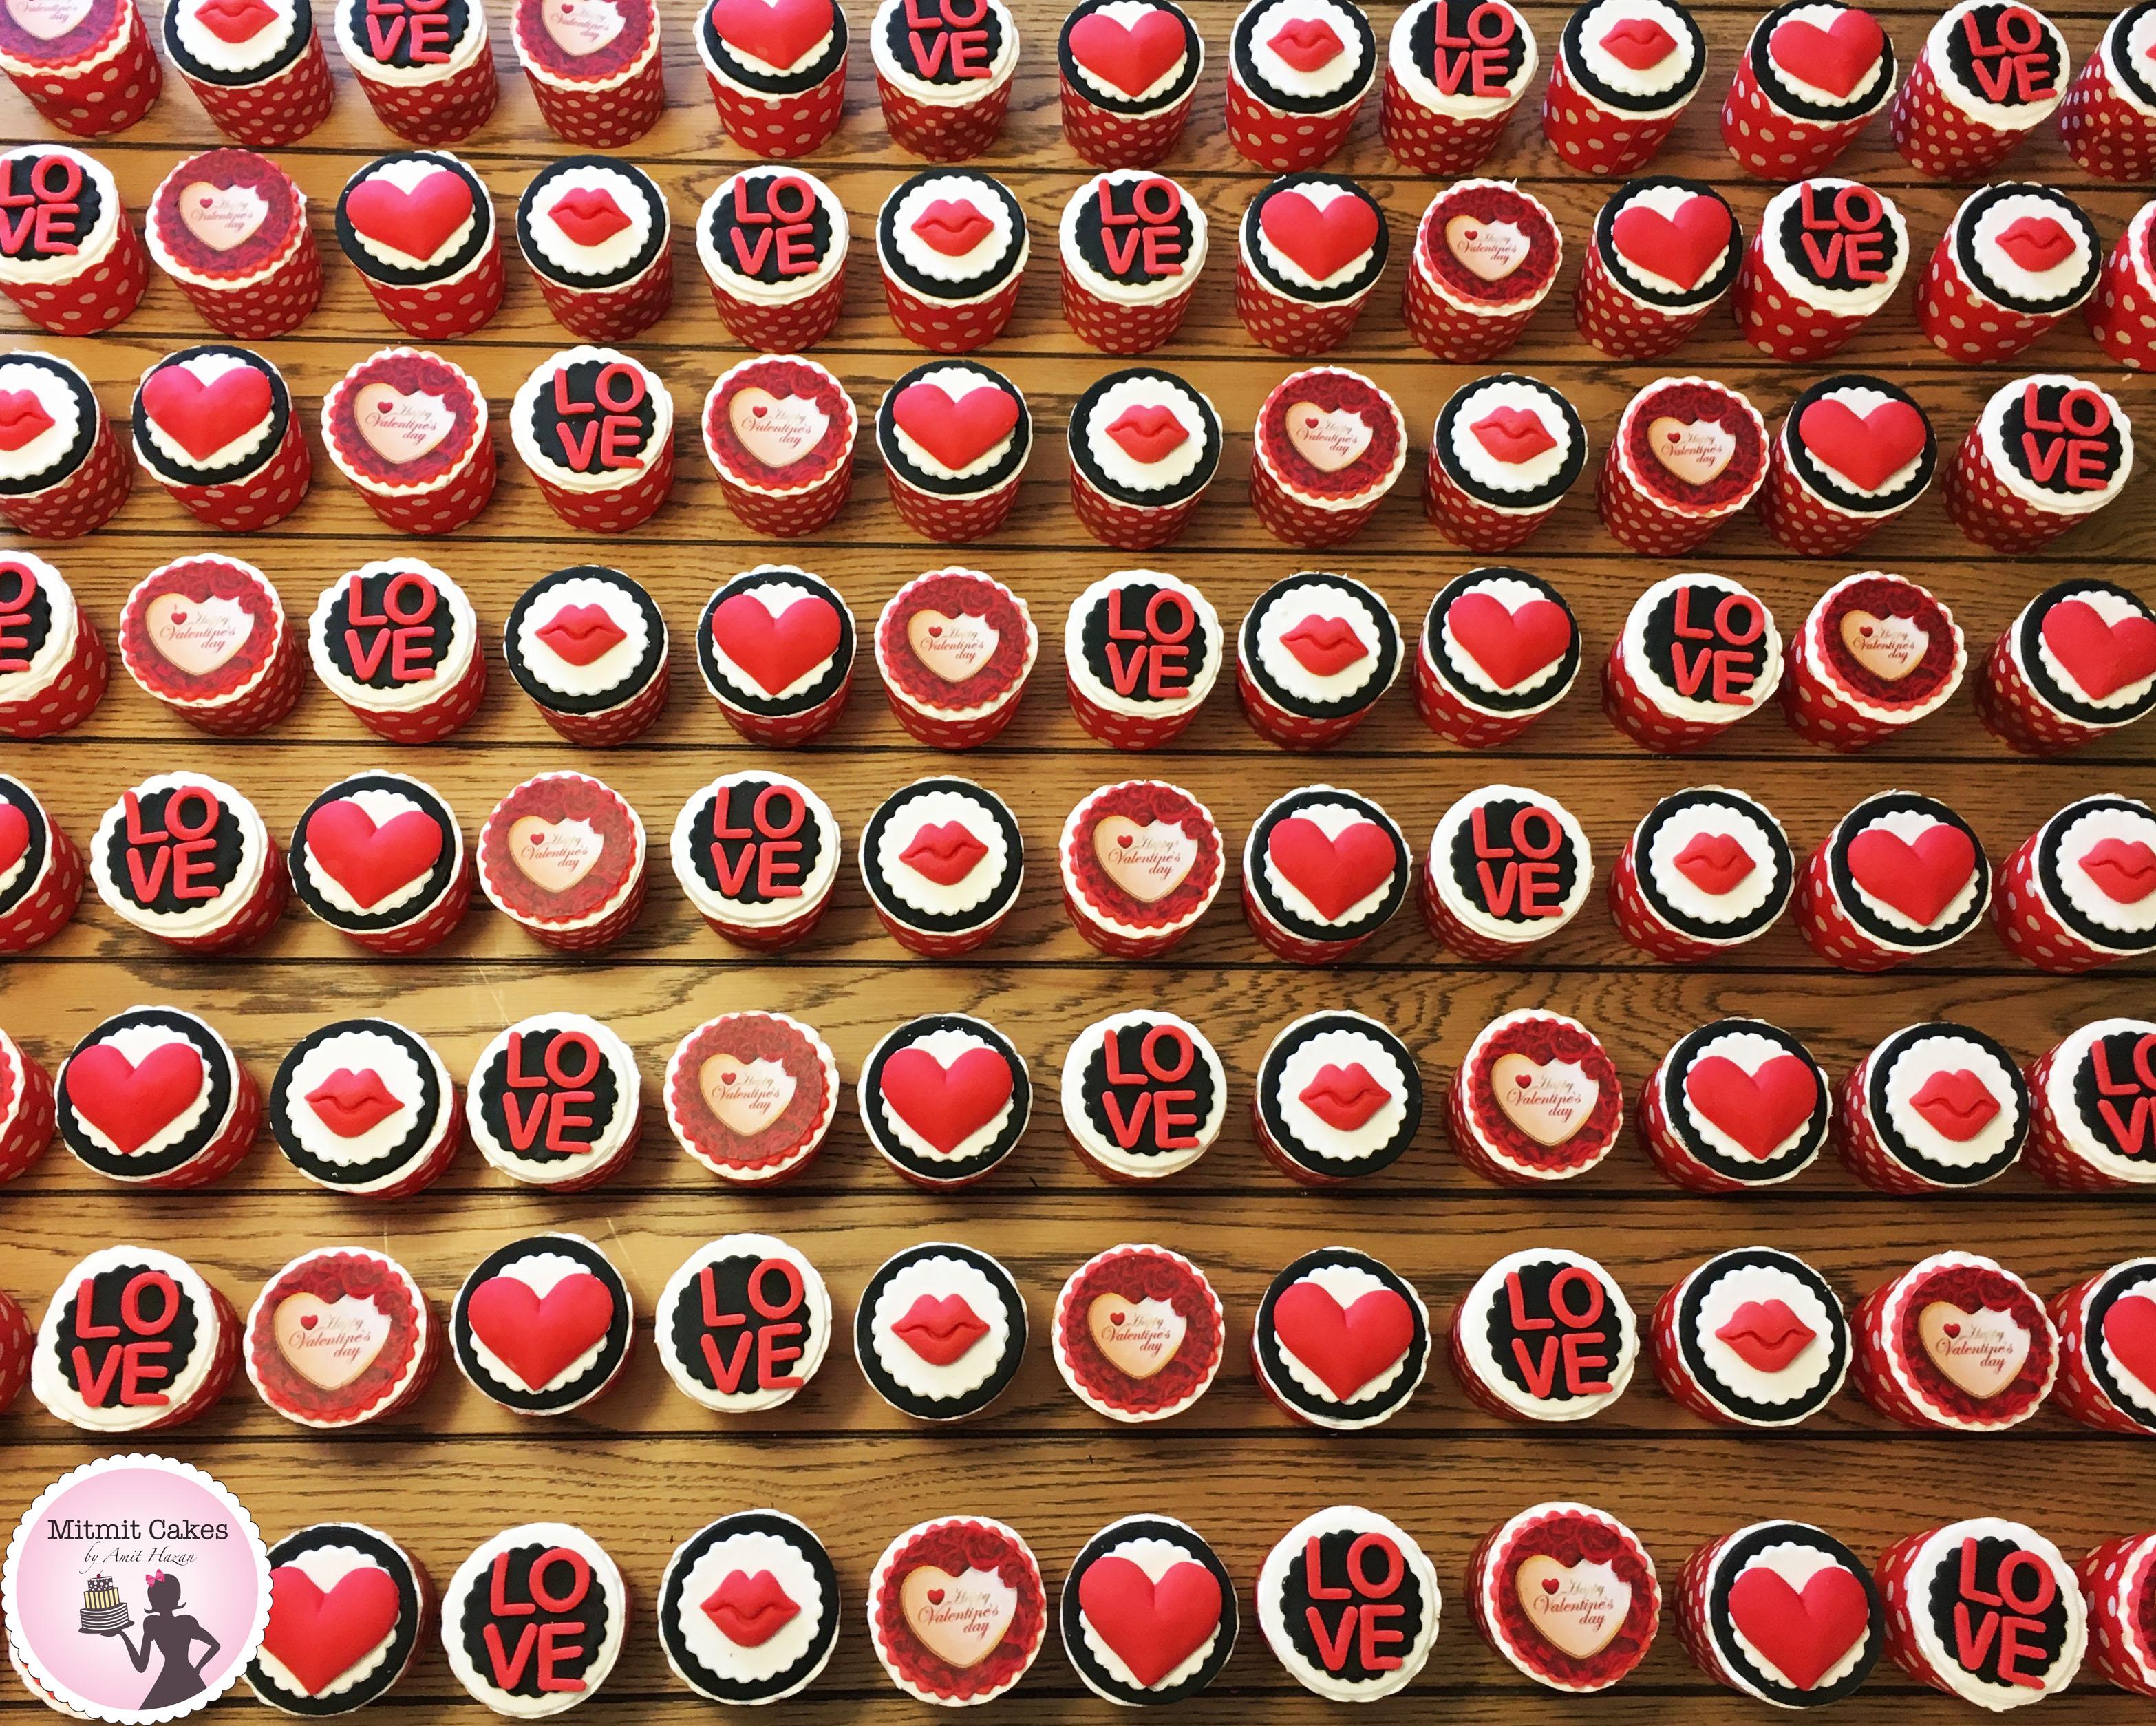 מאות קאפקייקס ליום האהבה לעובדים